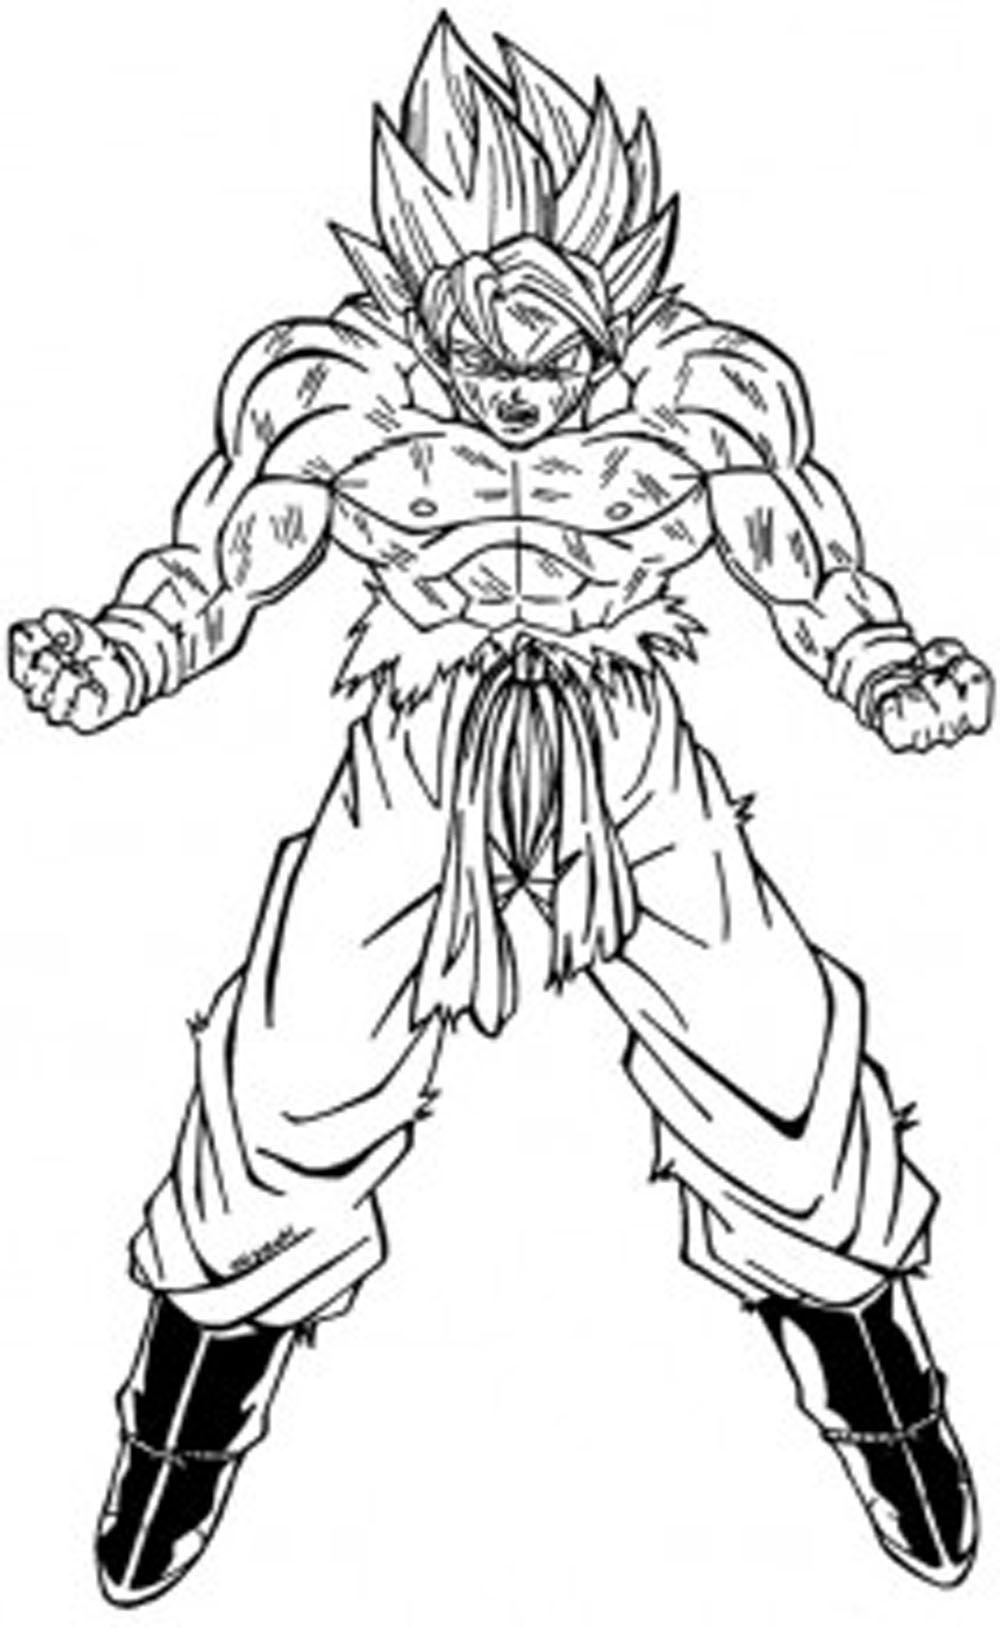 Dibujo De Goku Fase 2 Sayan Para Colorear Y Dibujar Dibujos De